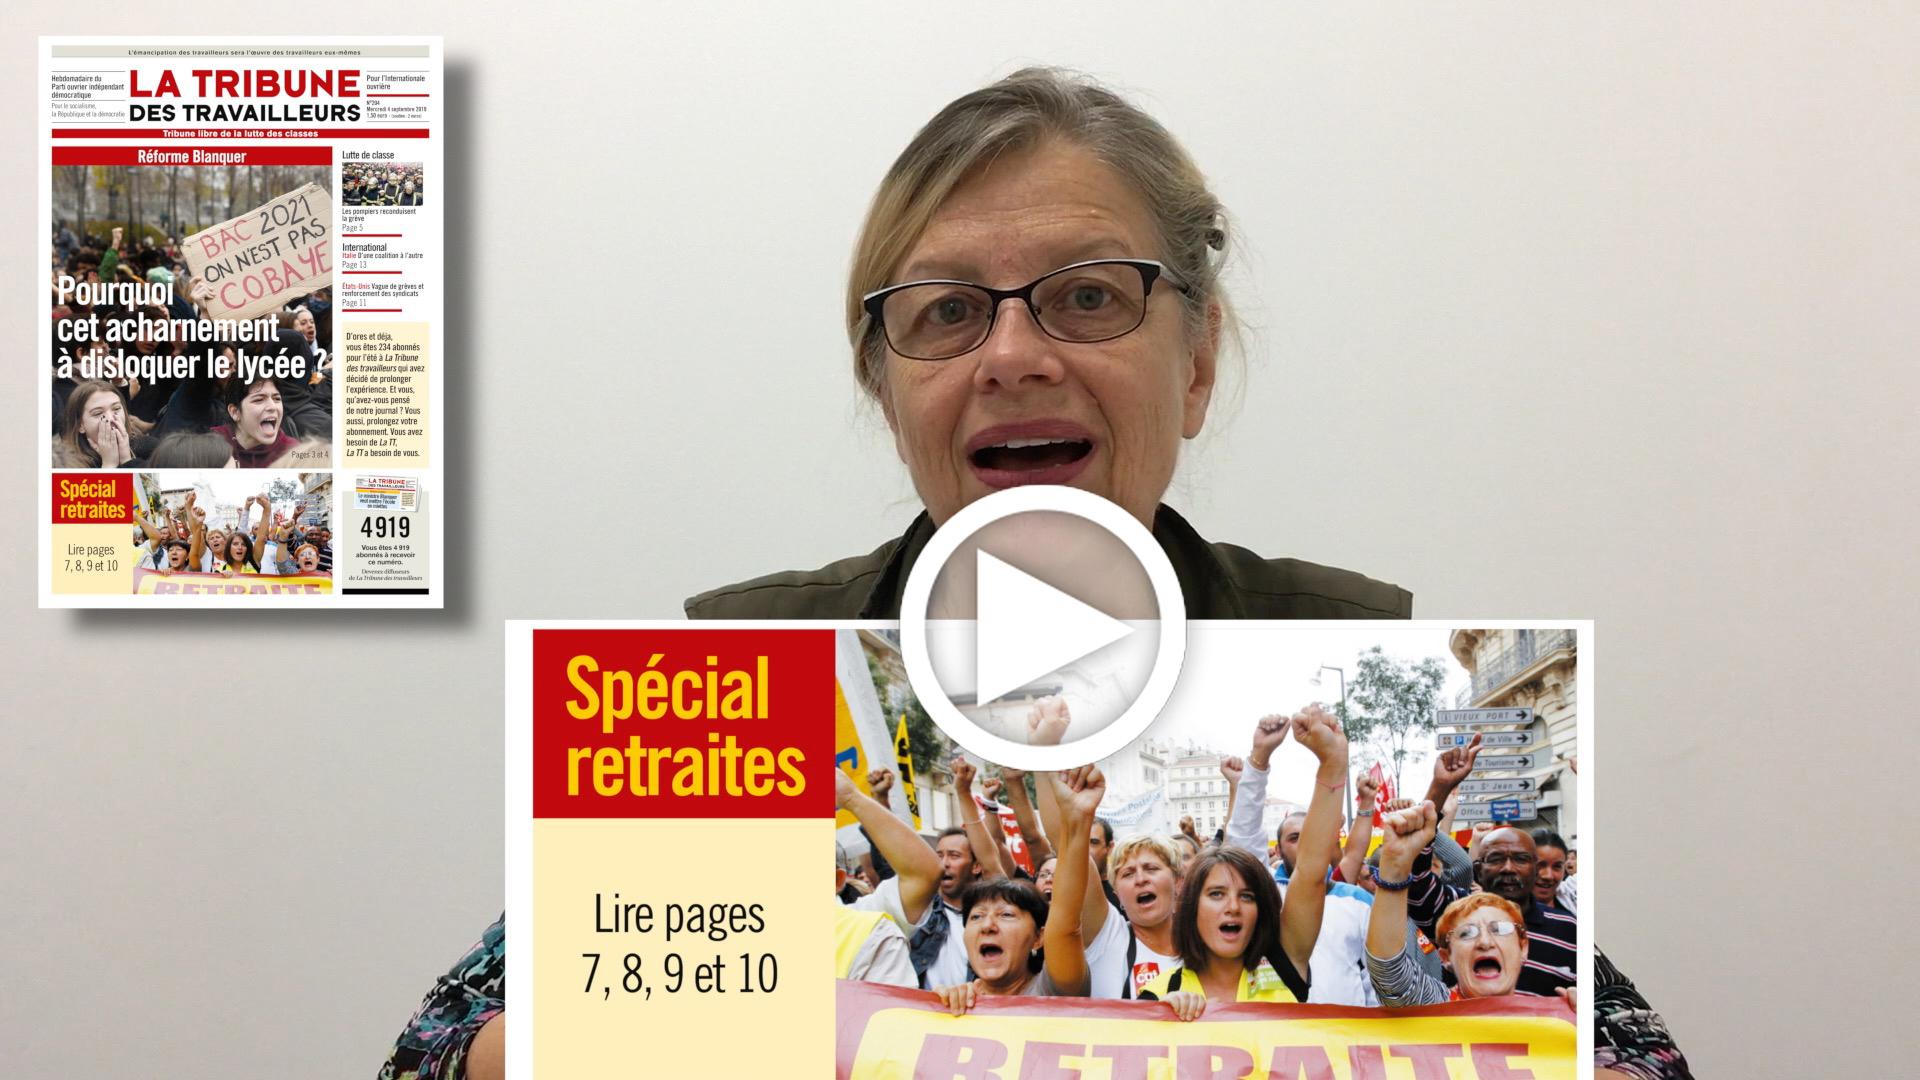 Les Infos-Hebdo du 5 septembre 2019 – Spécial retraites: il n'y a rien à négocier